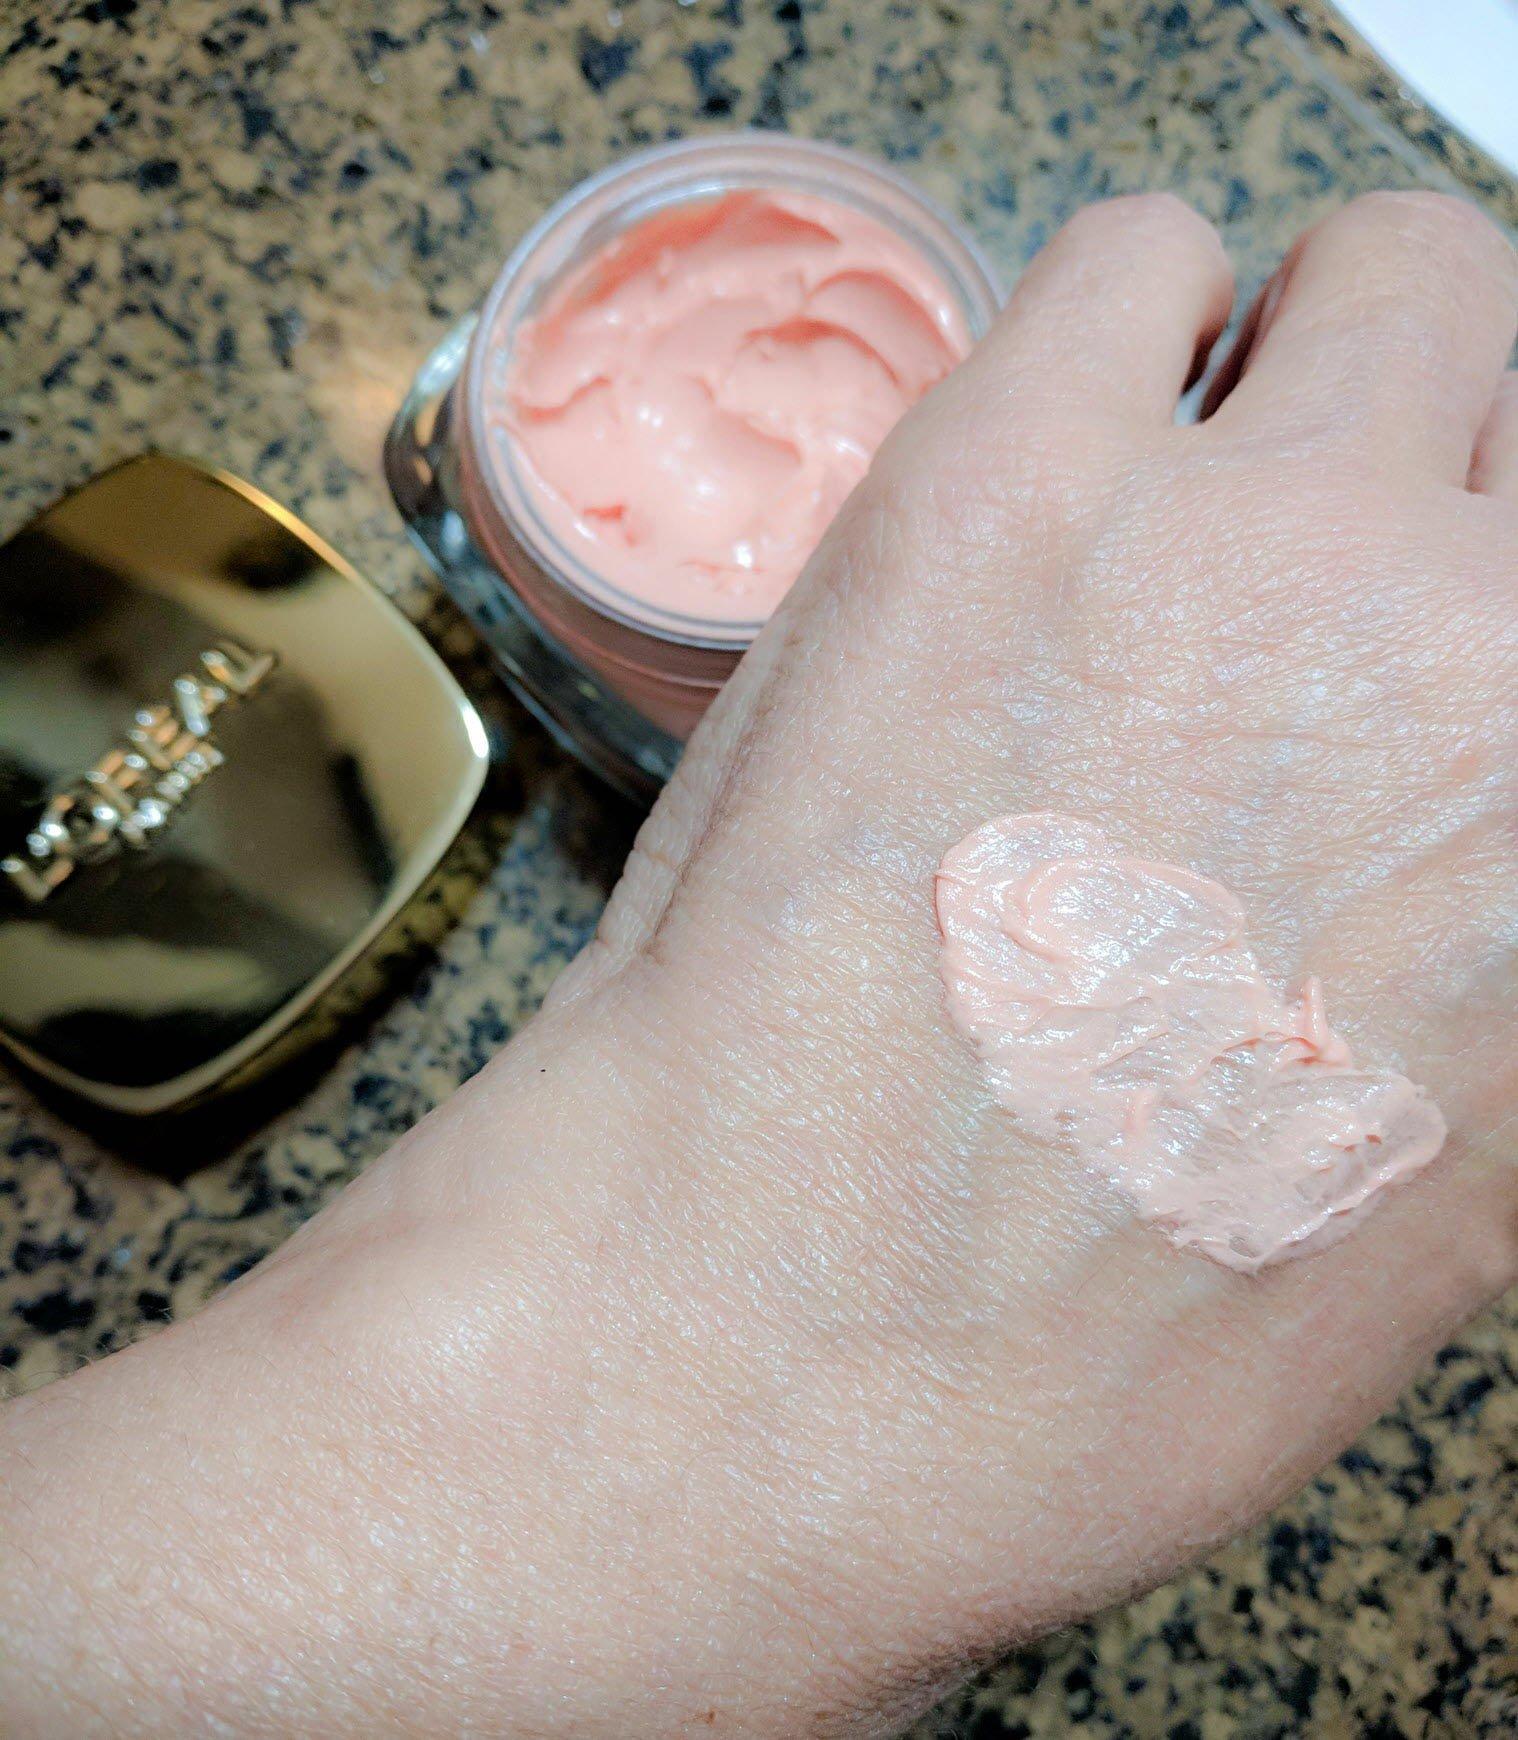 L'Oréal Rosy Tone Moisturizer